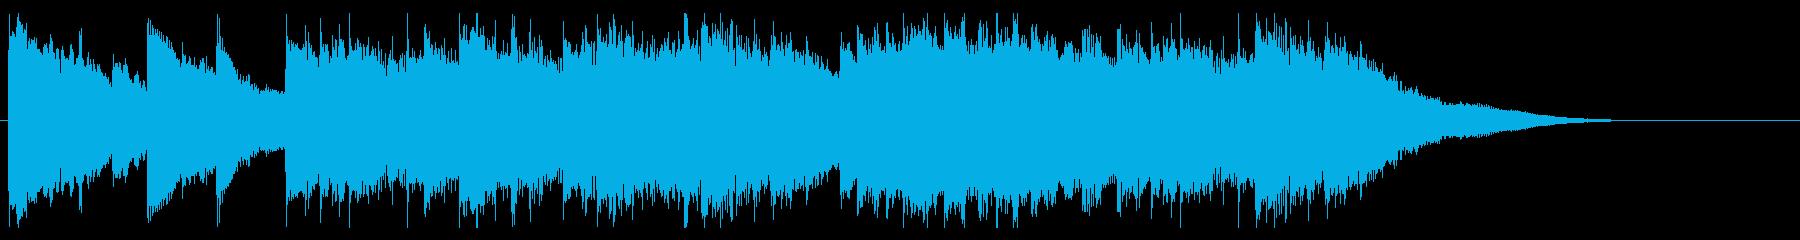 シンプルなピアノソロのBGM 30秒の再生済みの波形